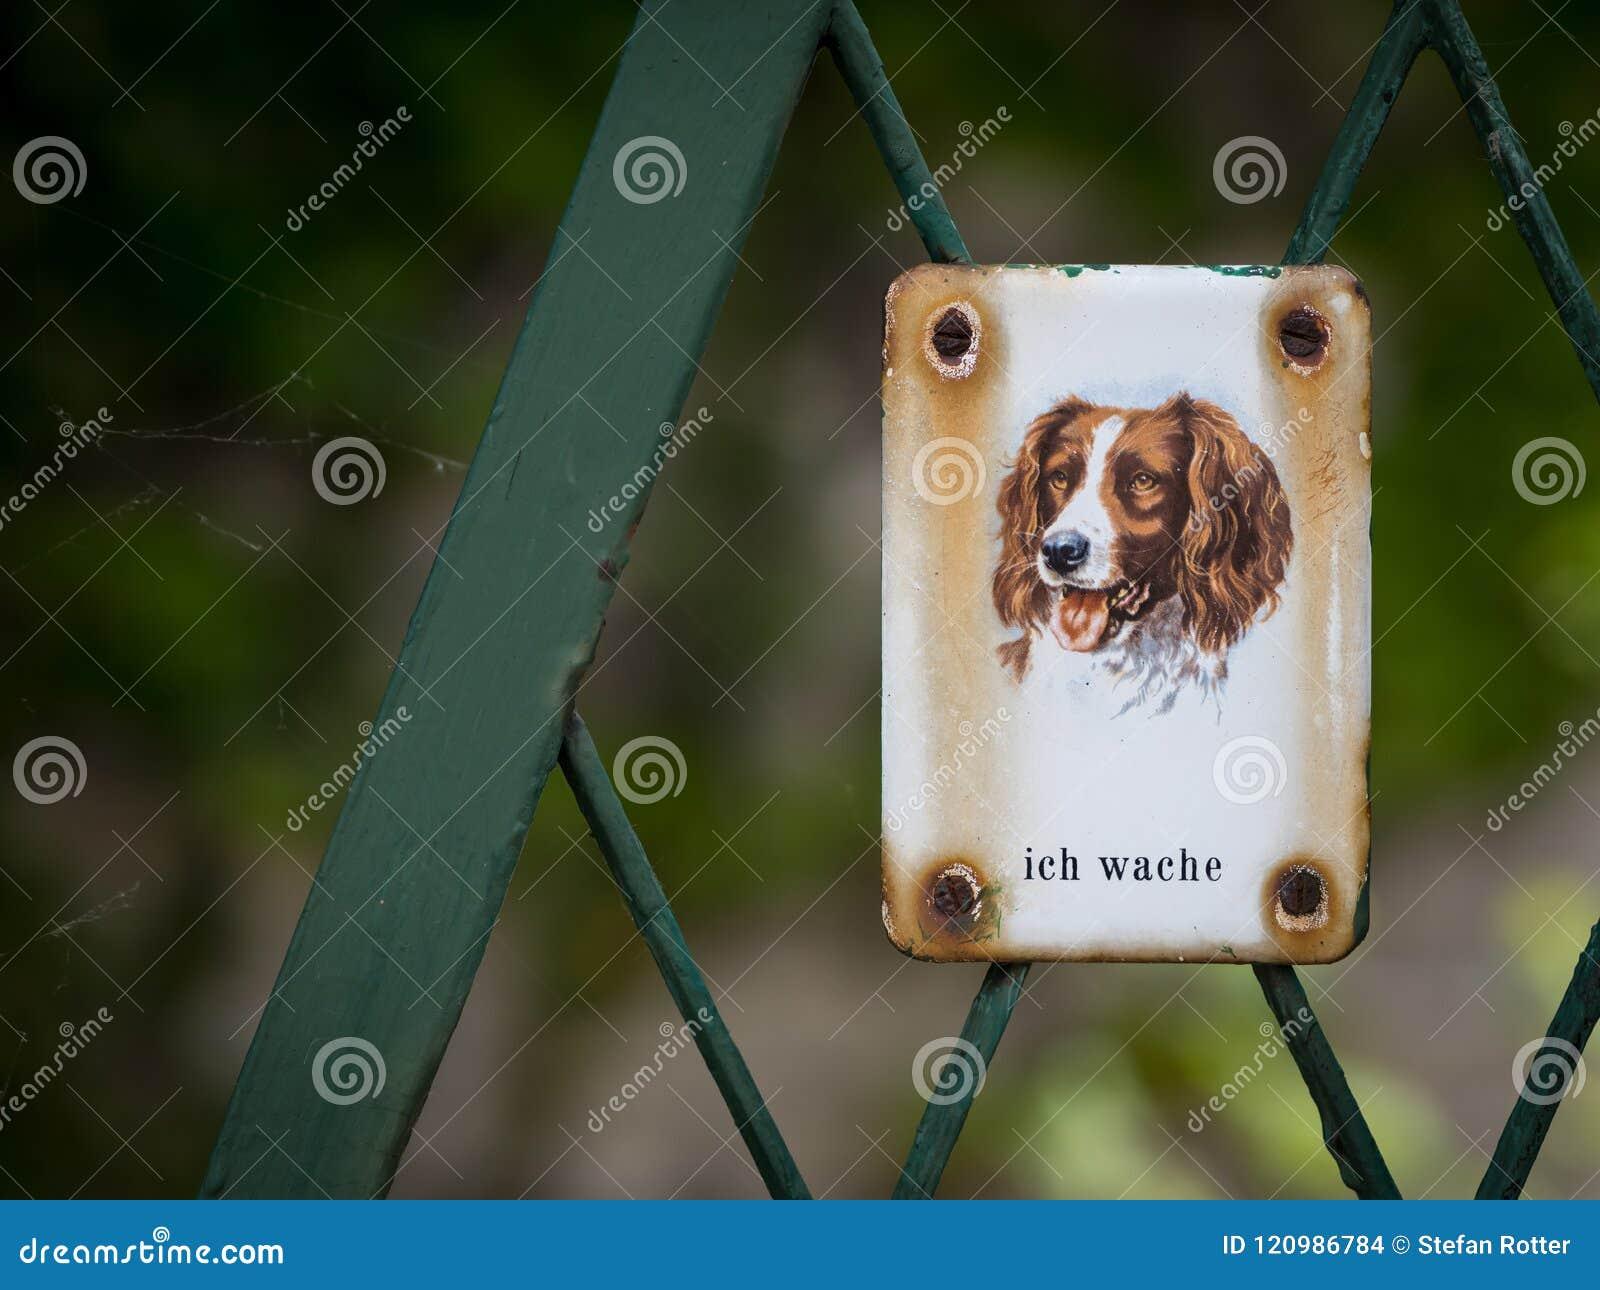 Metal sign with dog saying